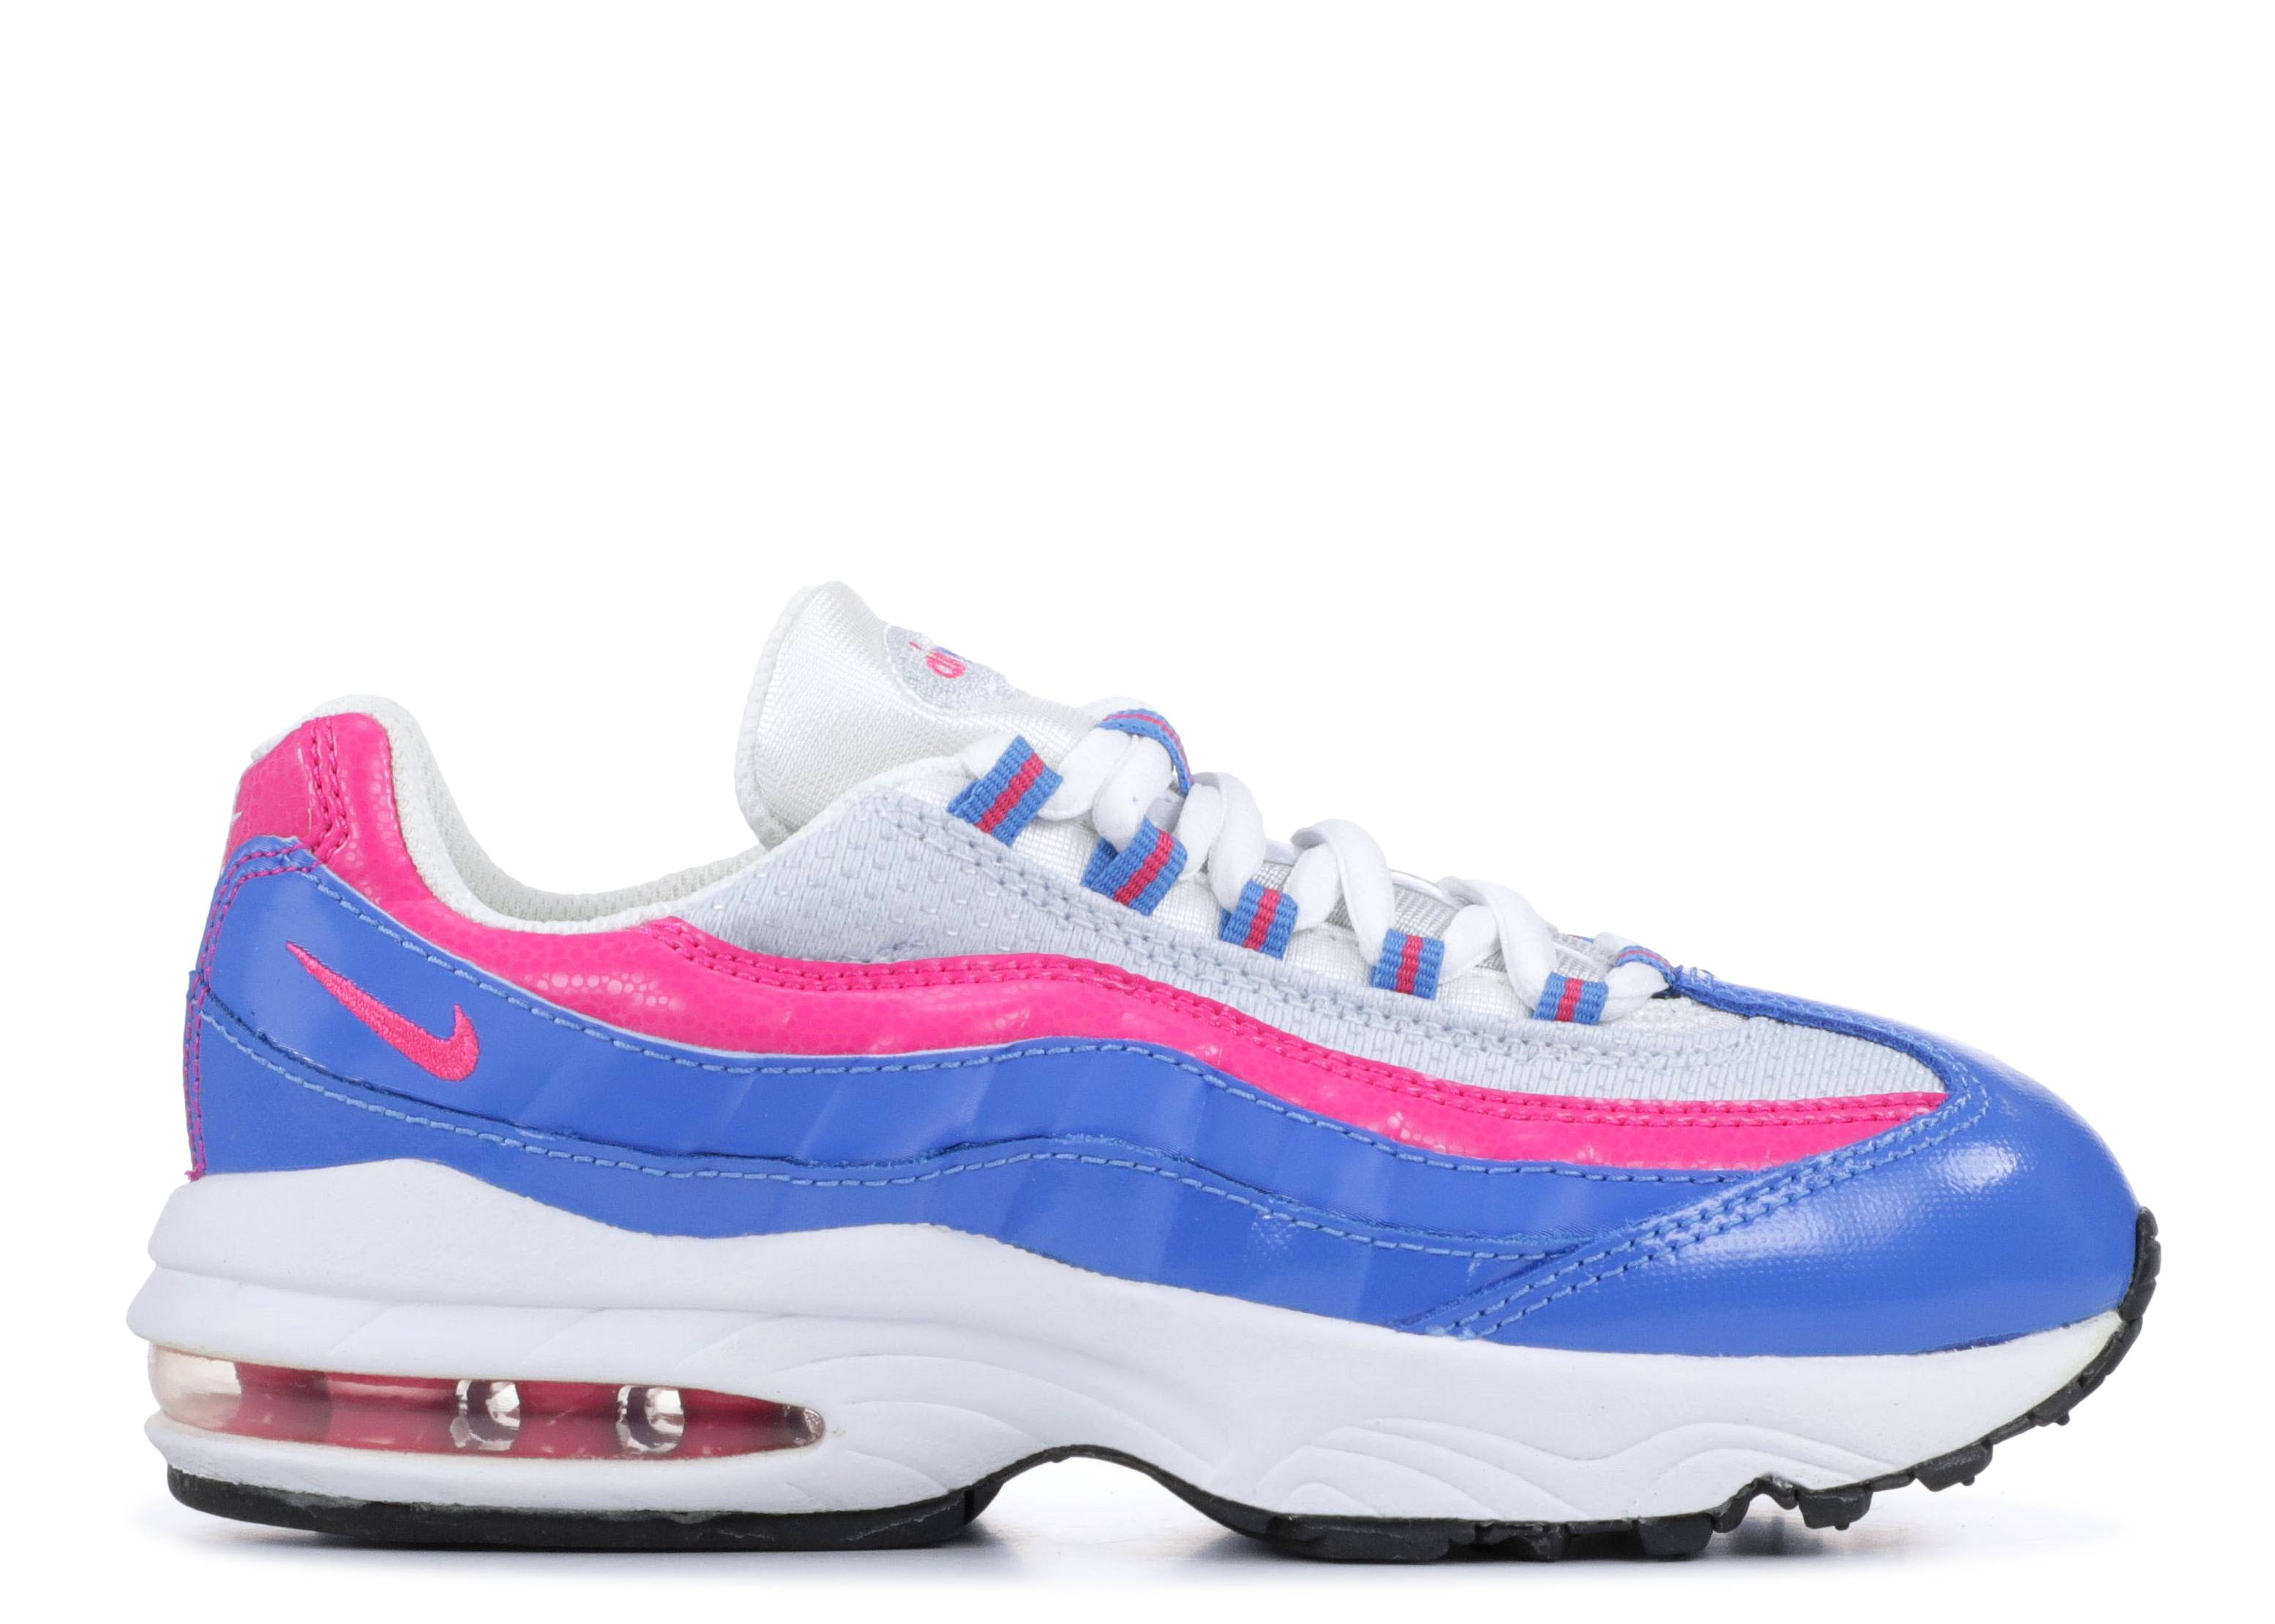 fe138de68dab Air Max 95 Le Ps - Nike - 310831 110 - white pink fl dusting black ...